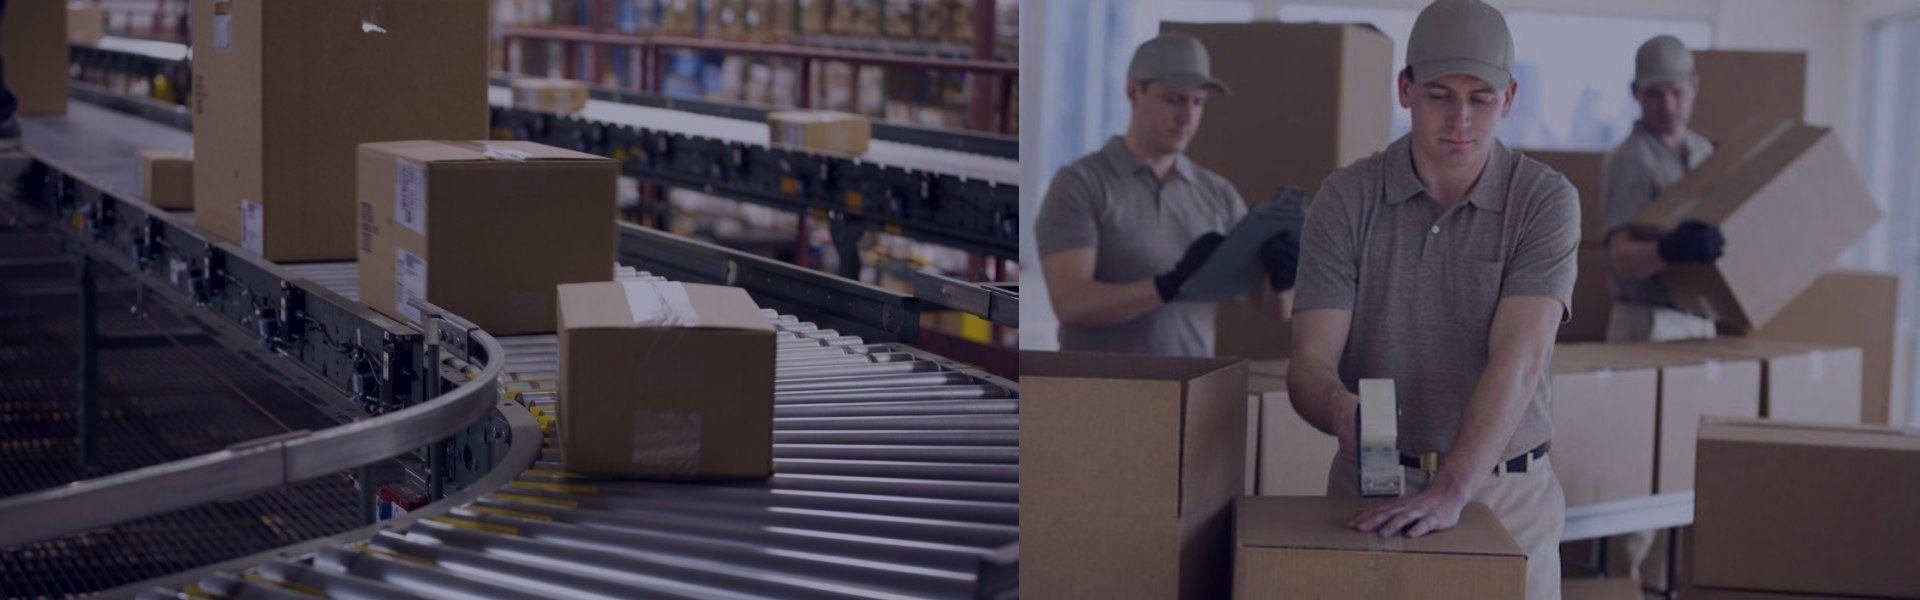 Opslaan, Ophalen en Verpakken, pakketservice, alles-in-een en goedkoper